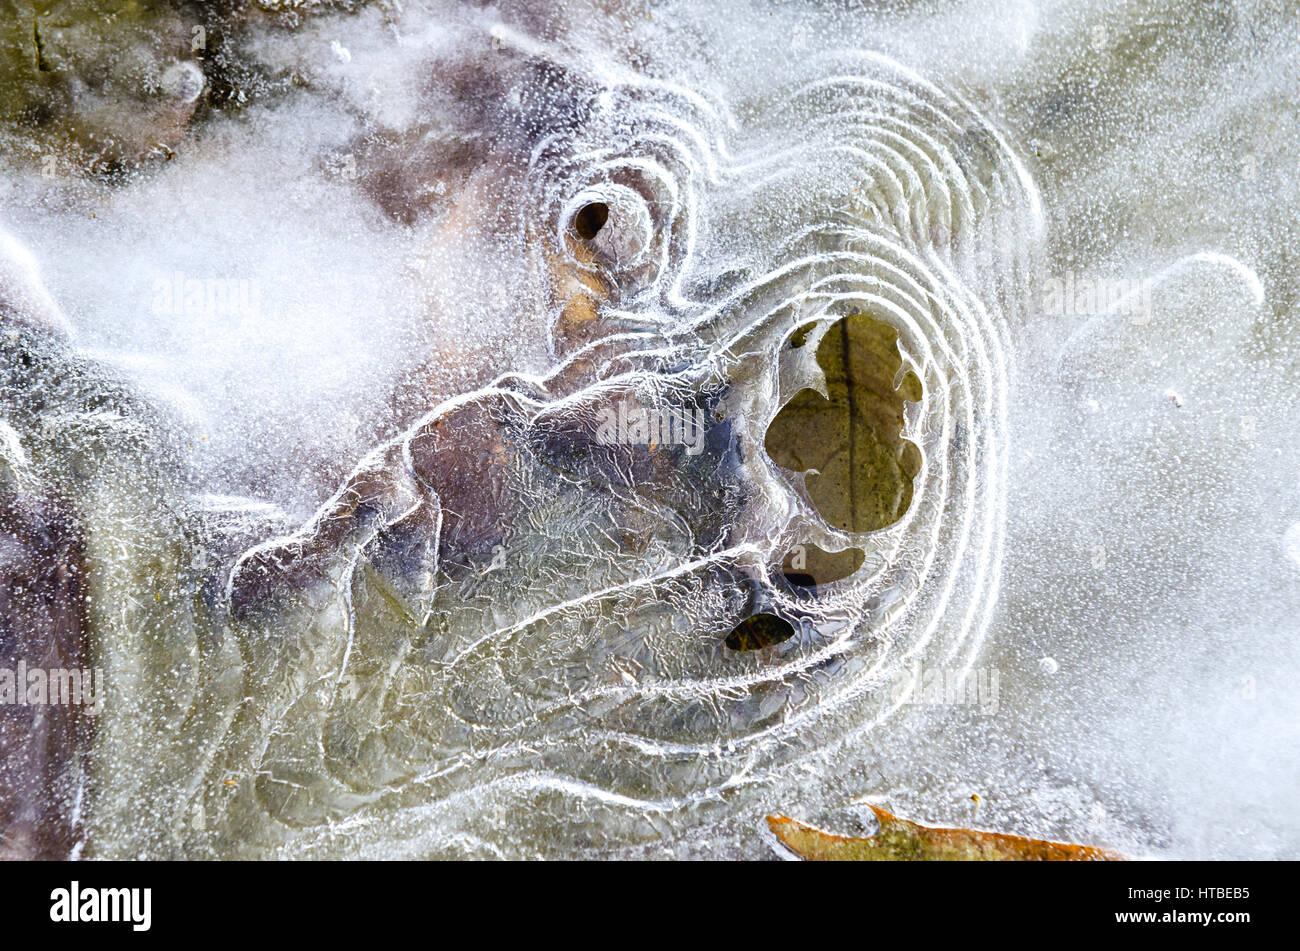 Hielo invernal congelado patrones abstractos en la naturaleza. Foto de stock